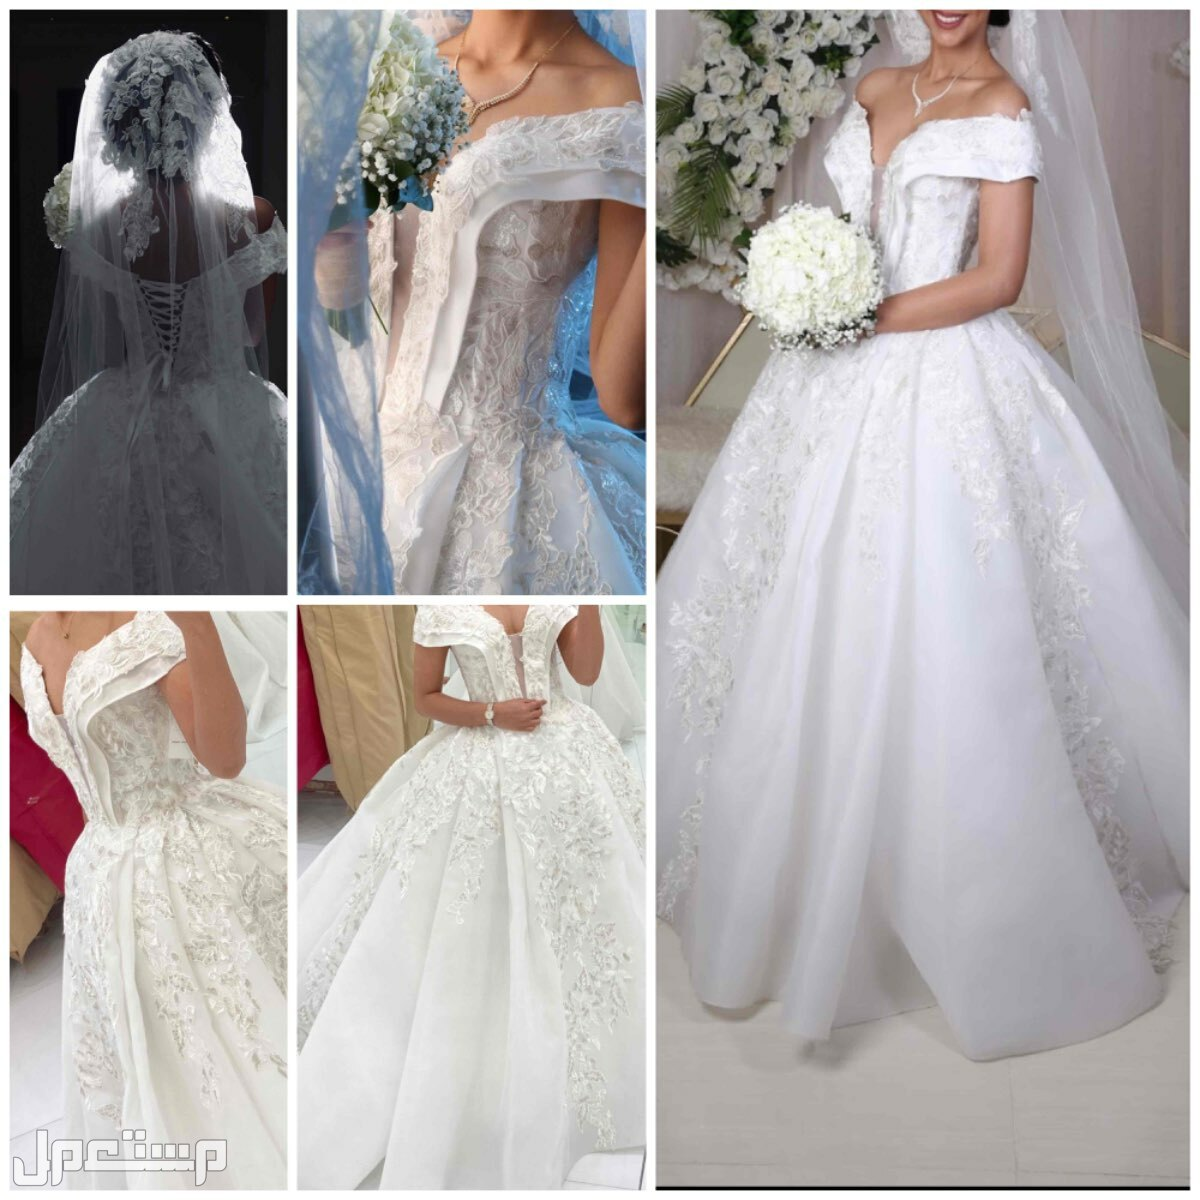 فستان عروس  استخدام 5 ساعات فقط الفستان